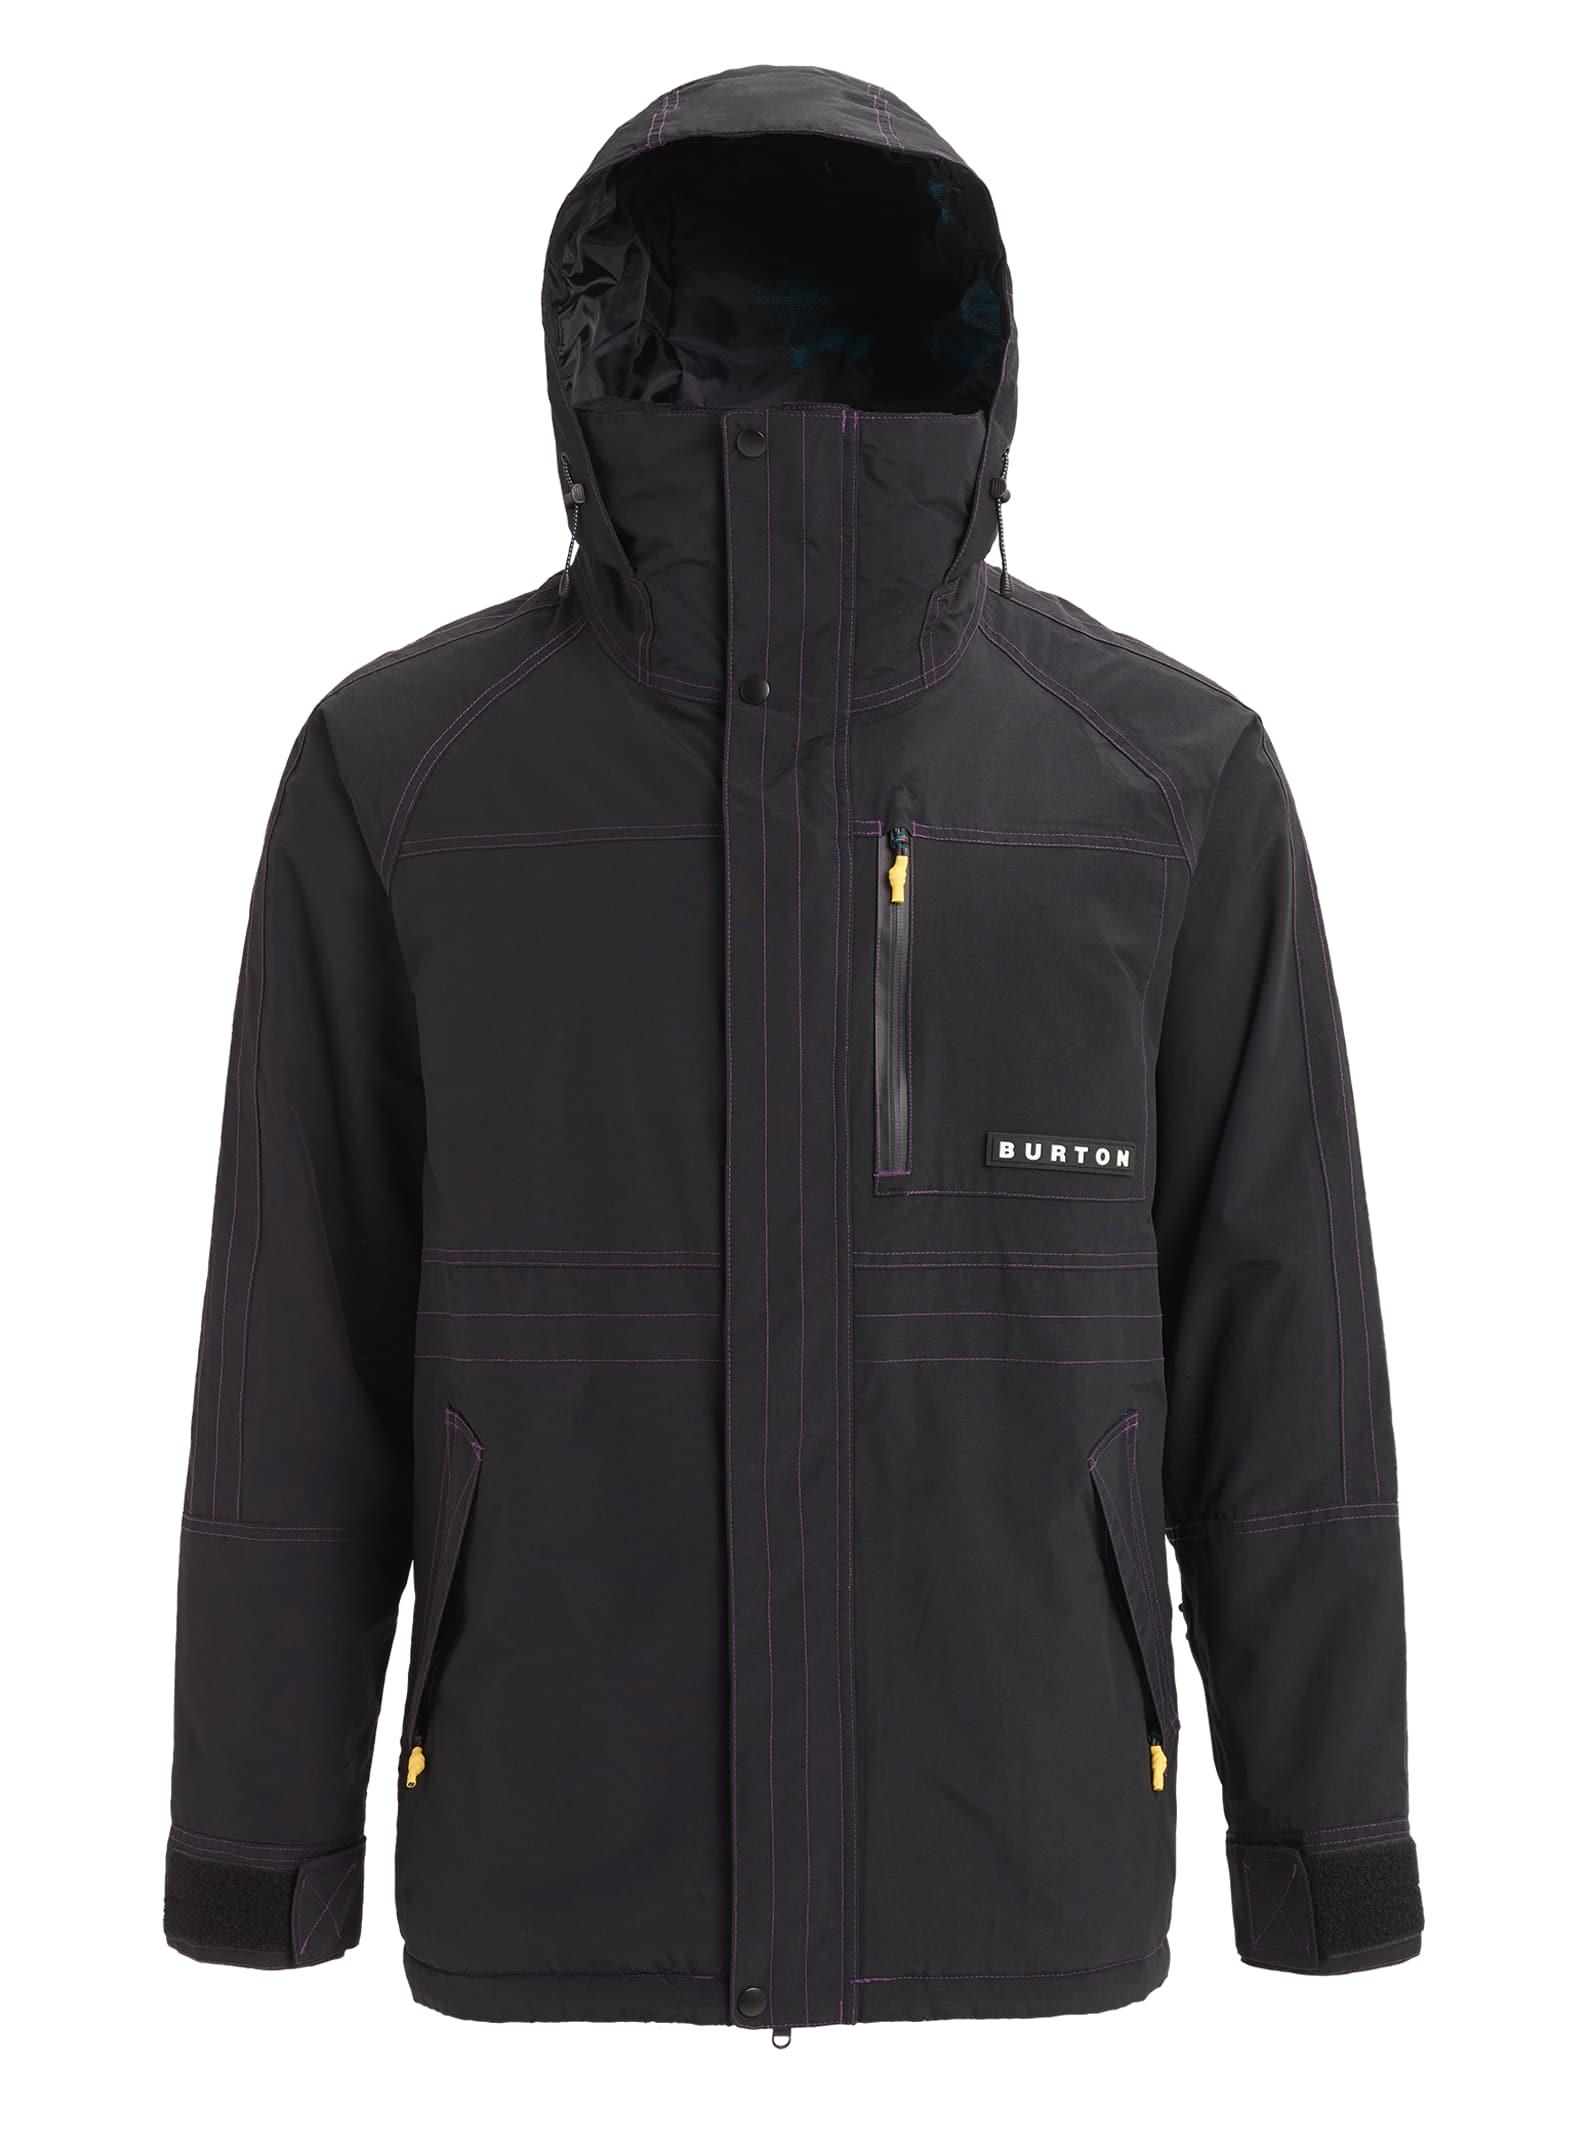 50f5a6f6f00 Women's Snowboard Jackets | Burton Snowboards